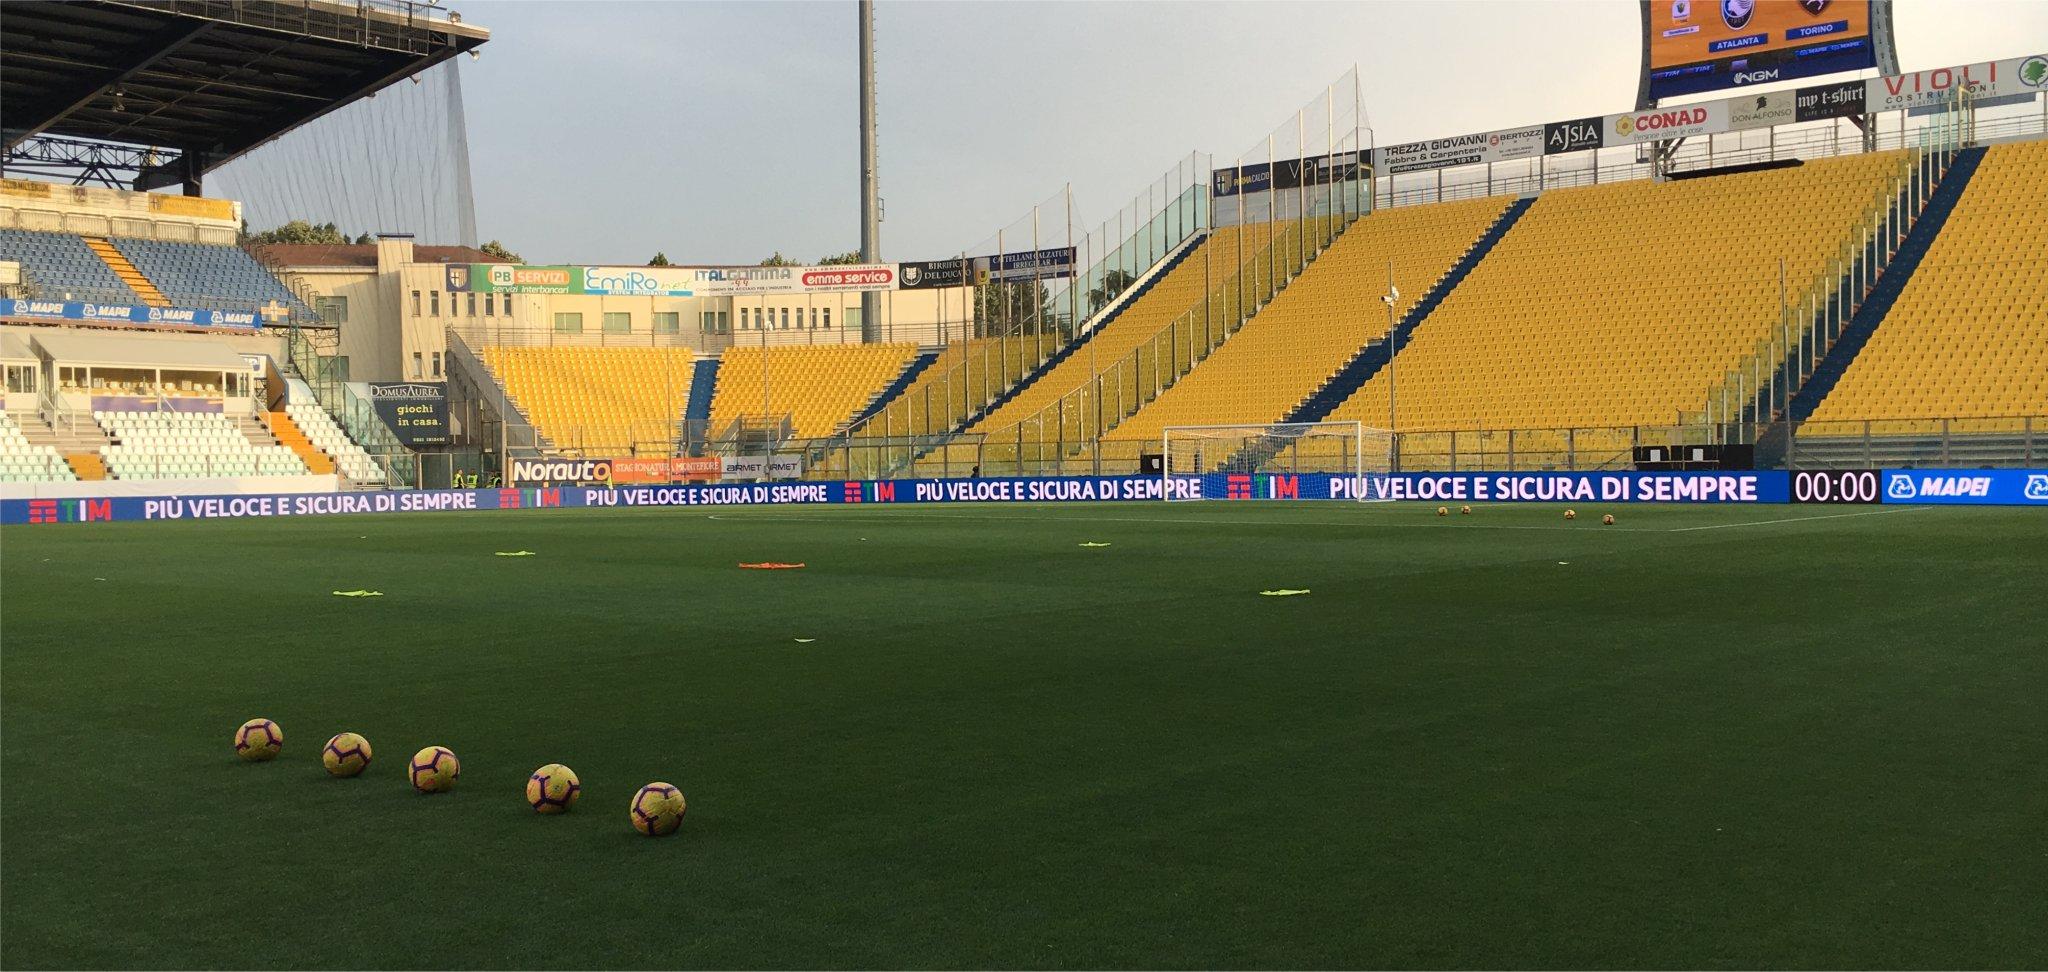 Campionato Primavera, Finale - Atalanta vs Inter (diretta Sportitalia)